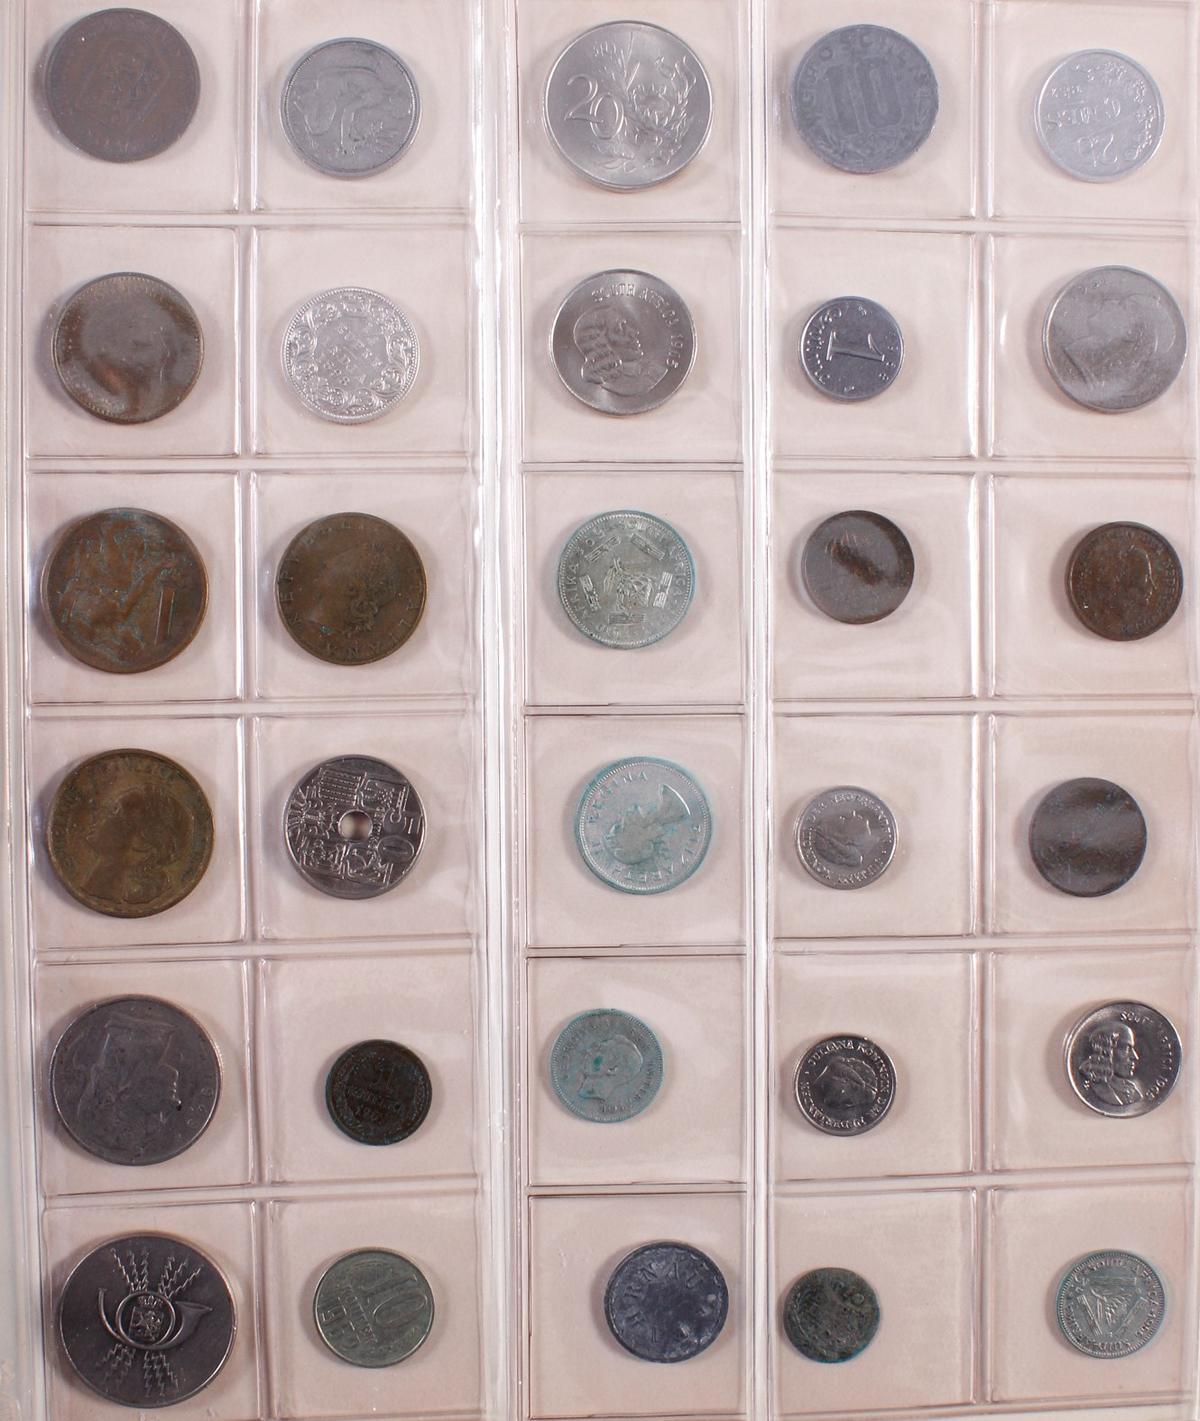 Münzsammlung BRD und alle Welt mit einer Goldmünze-11